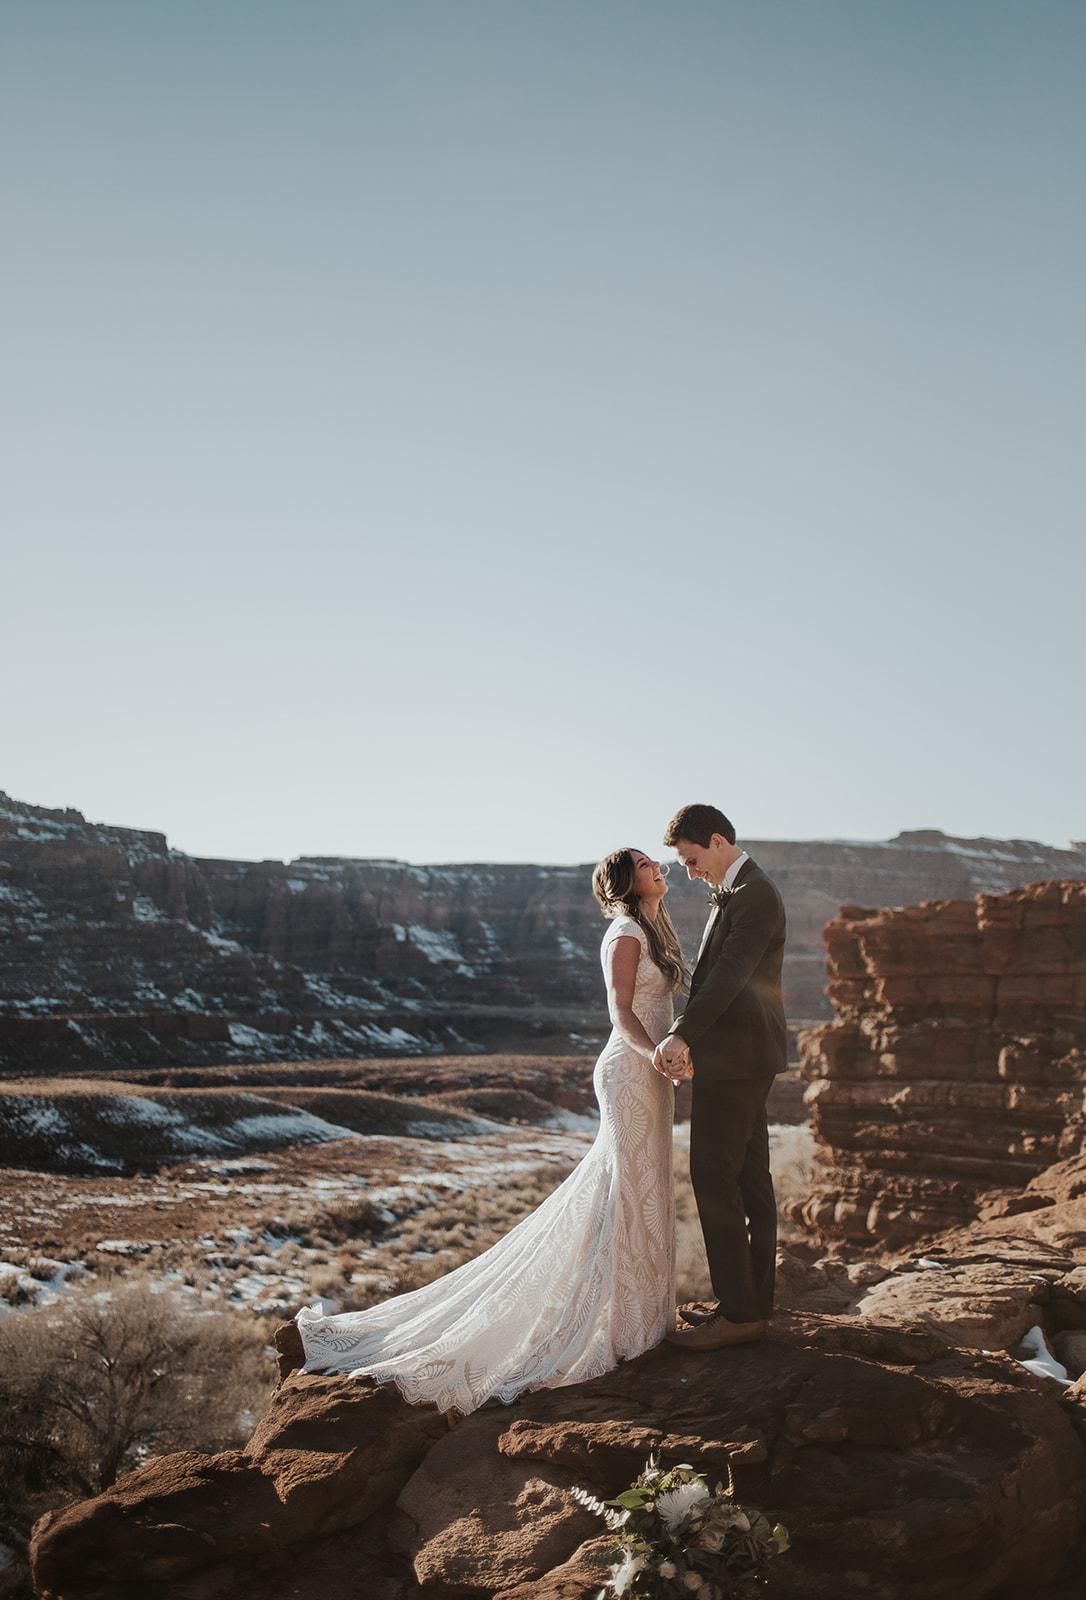 jamie+weston bridals-54.jpg